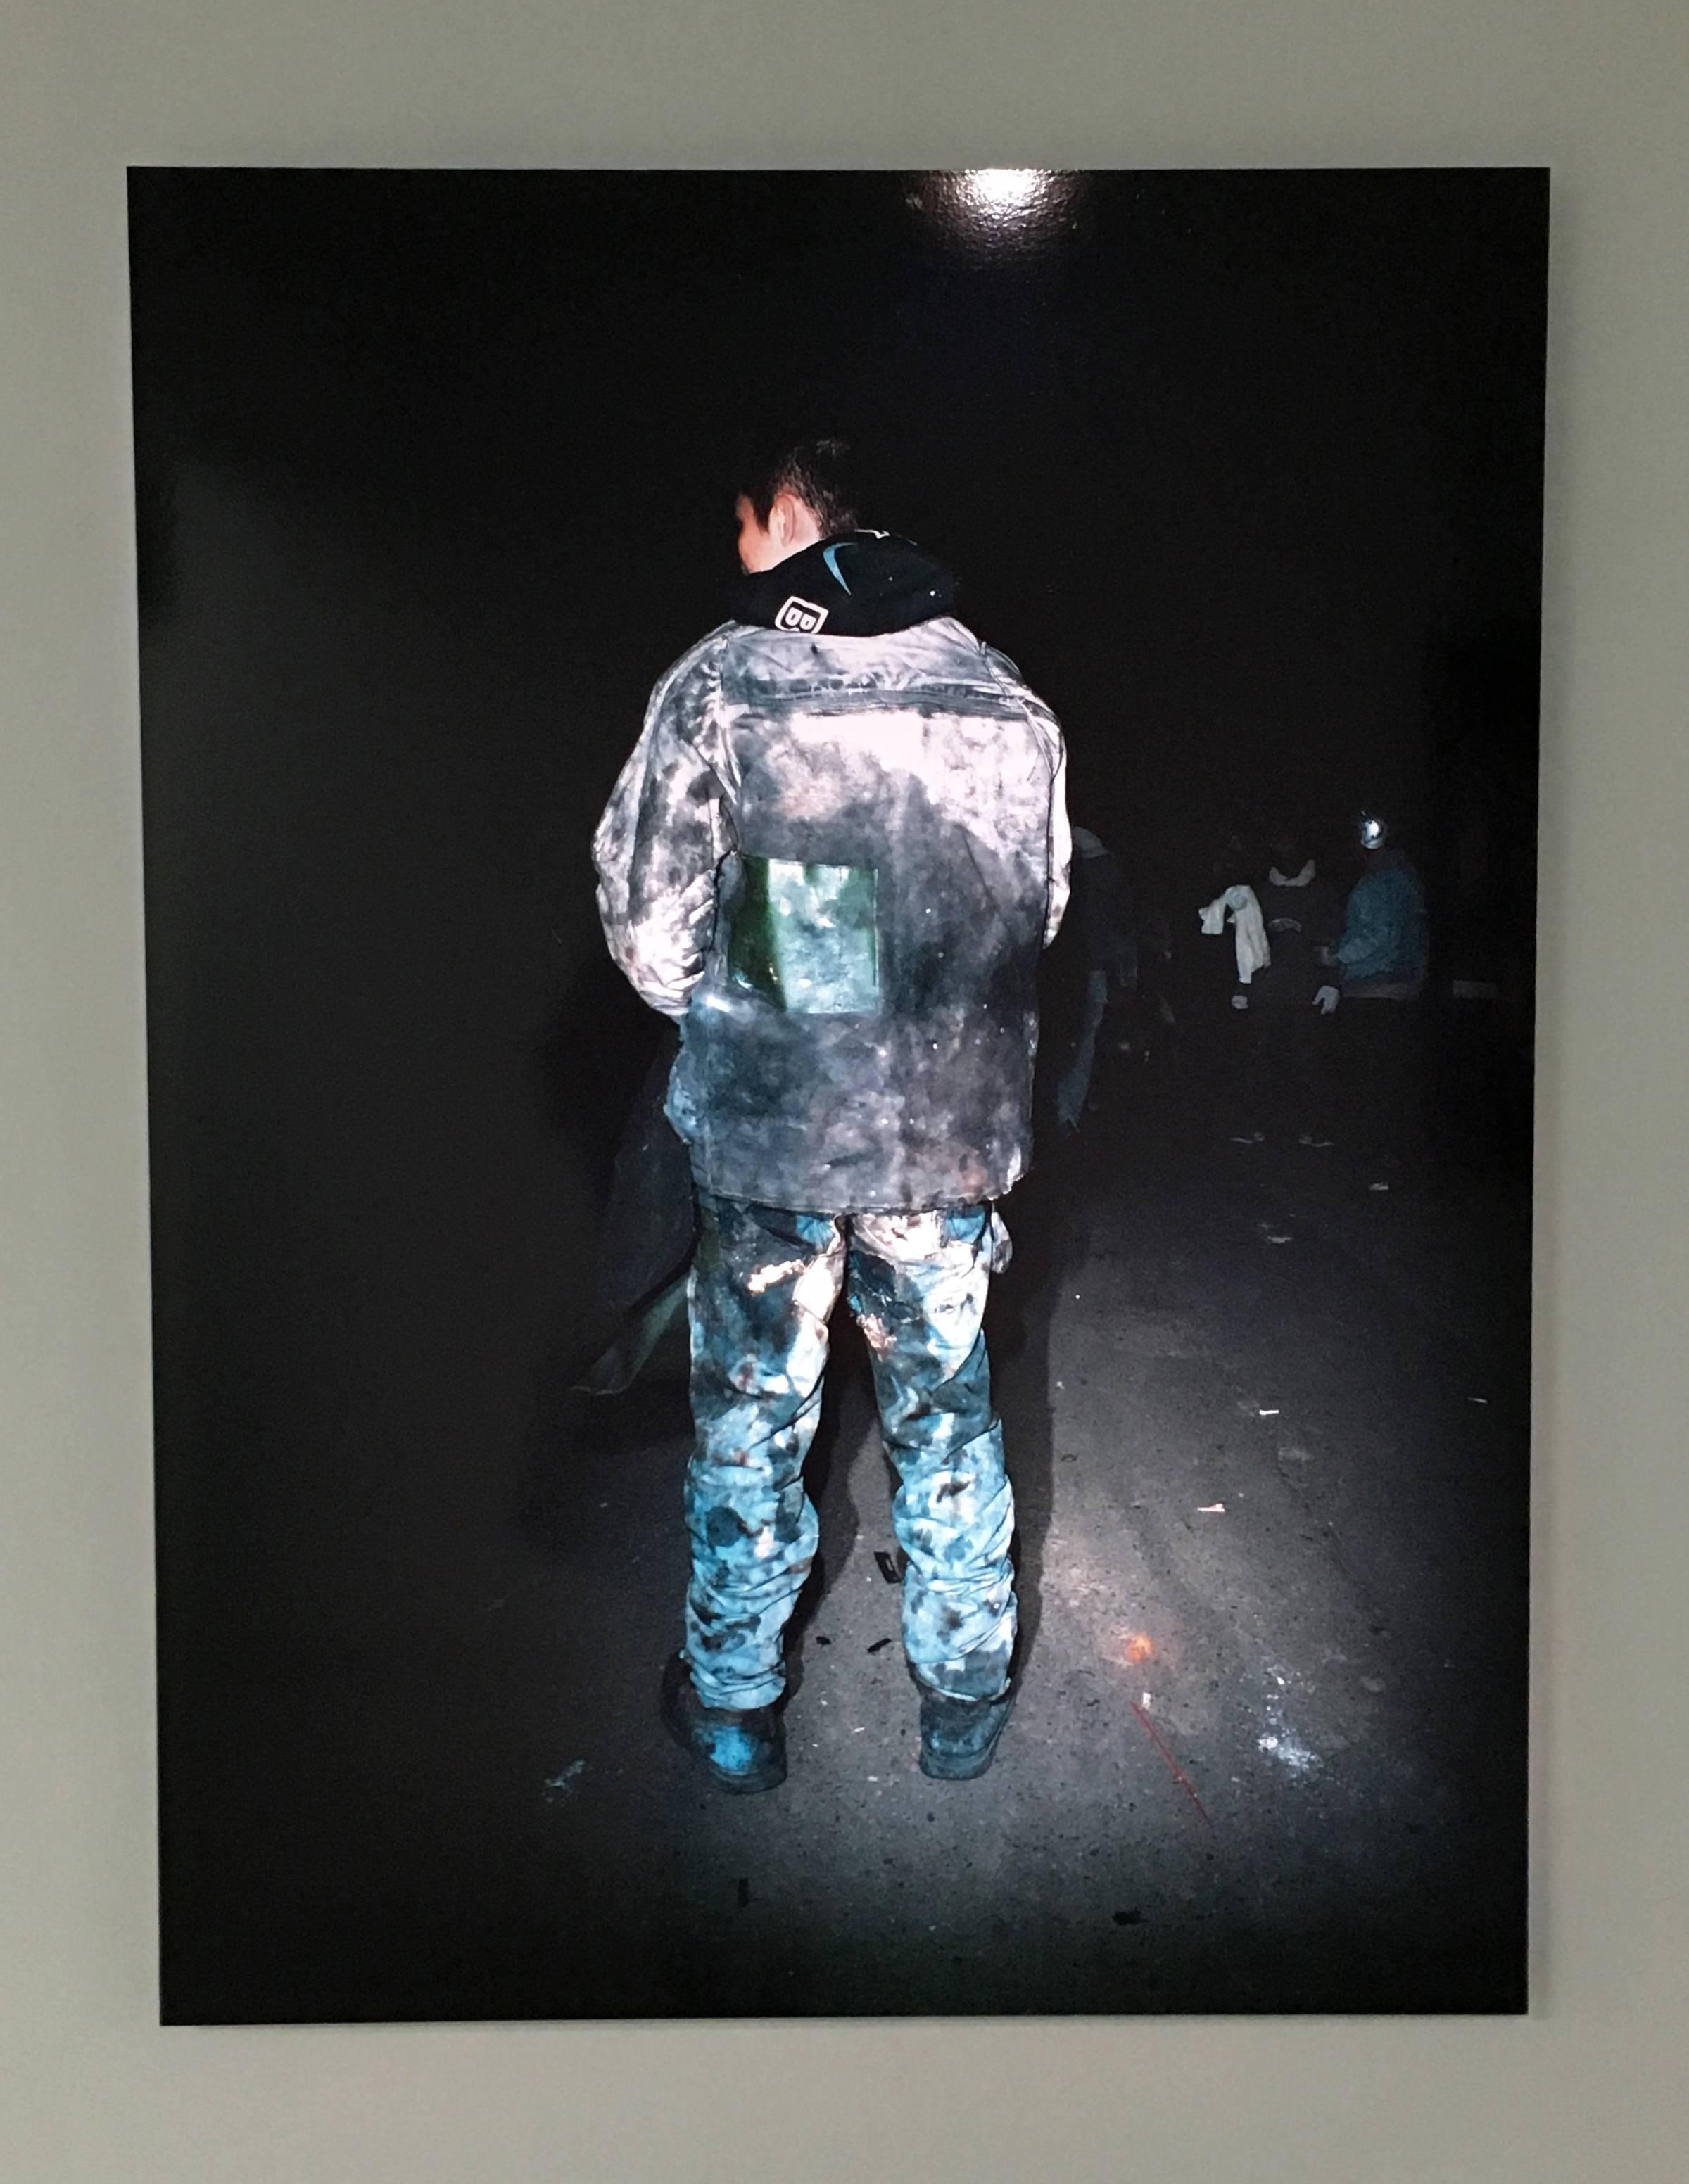 陳伯義,《食砲人 - I》,75 x 100 cm,雷射輸出彩色銀鹽相紙,1/8,2012。